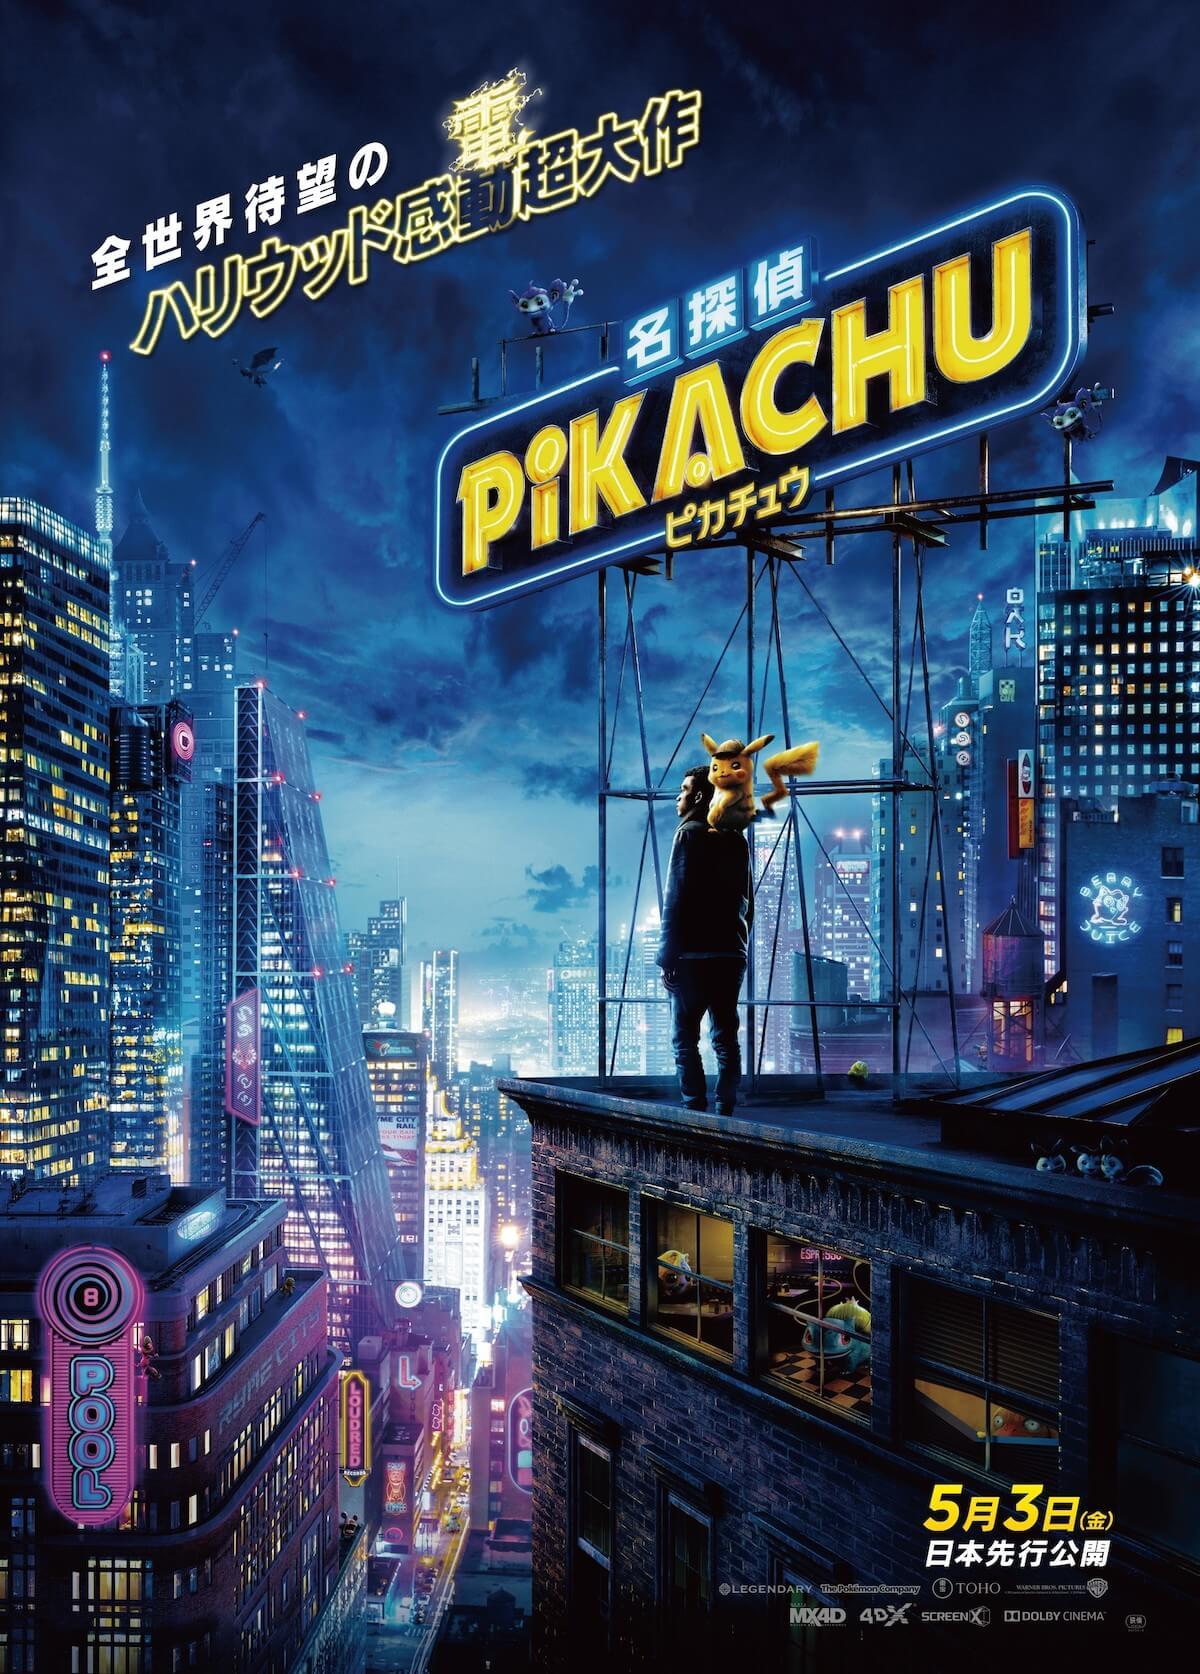 映画公開記念の期間限定商品「名探偵ピカチュウ」ロールアイス、5月16日まで延長決定! gourmet190510-pikachu_info